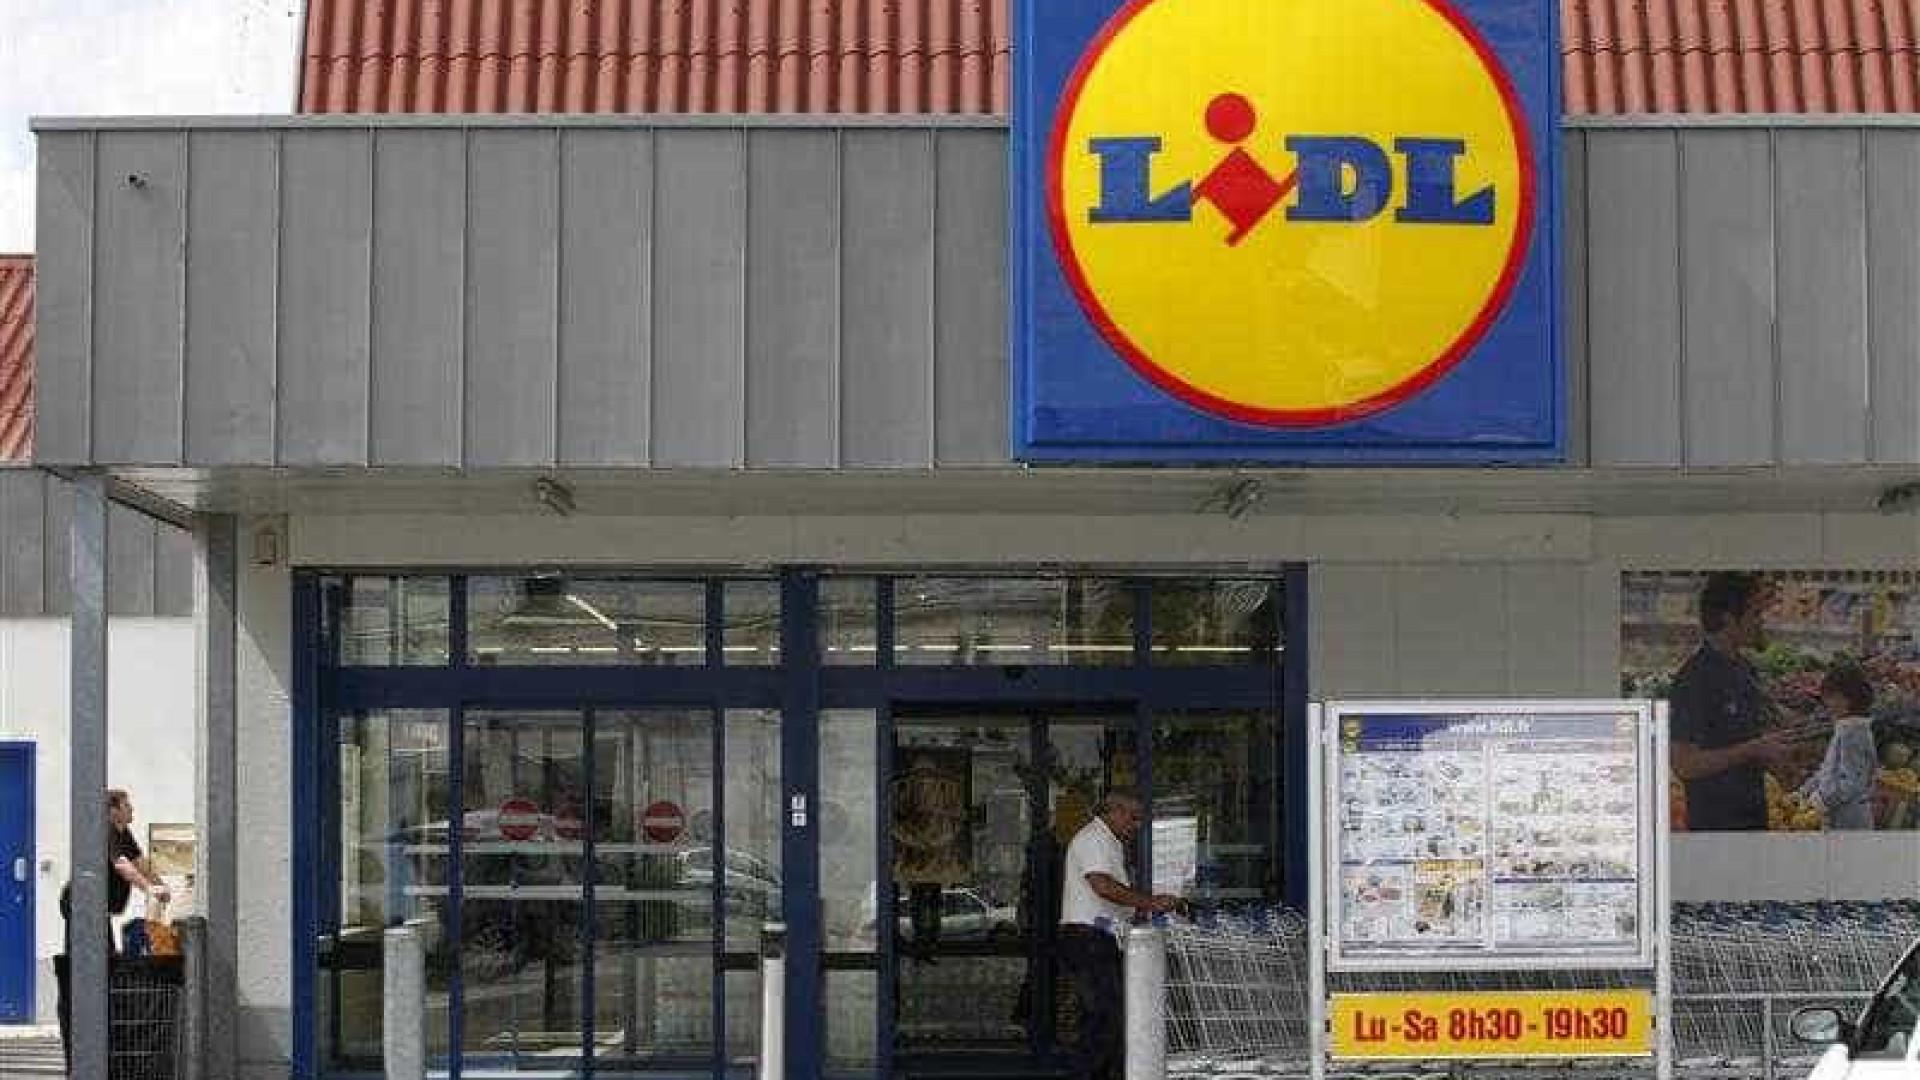 Lidl estreia-se nas vendas online com roupas e eletrodomésticos